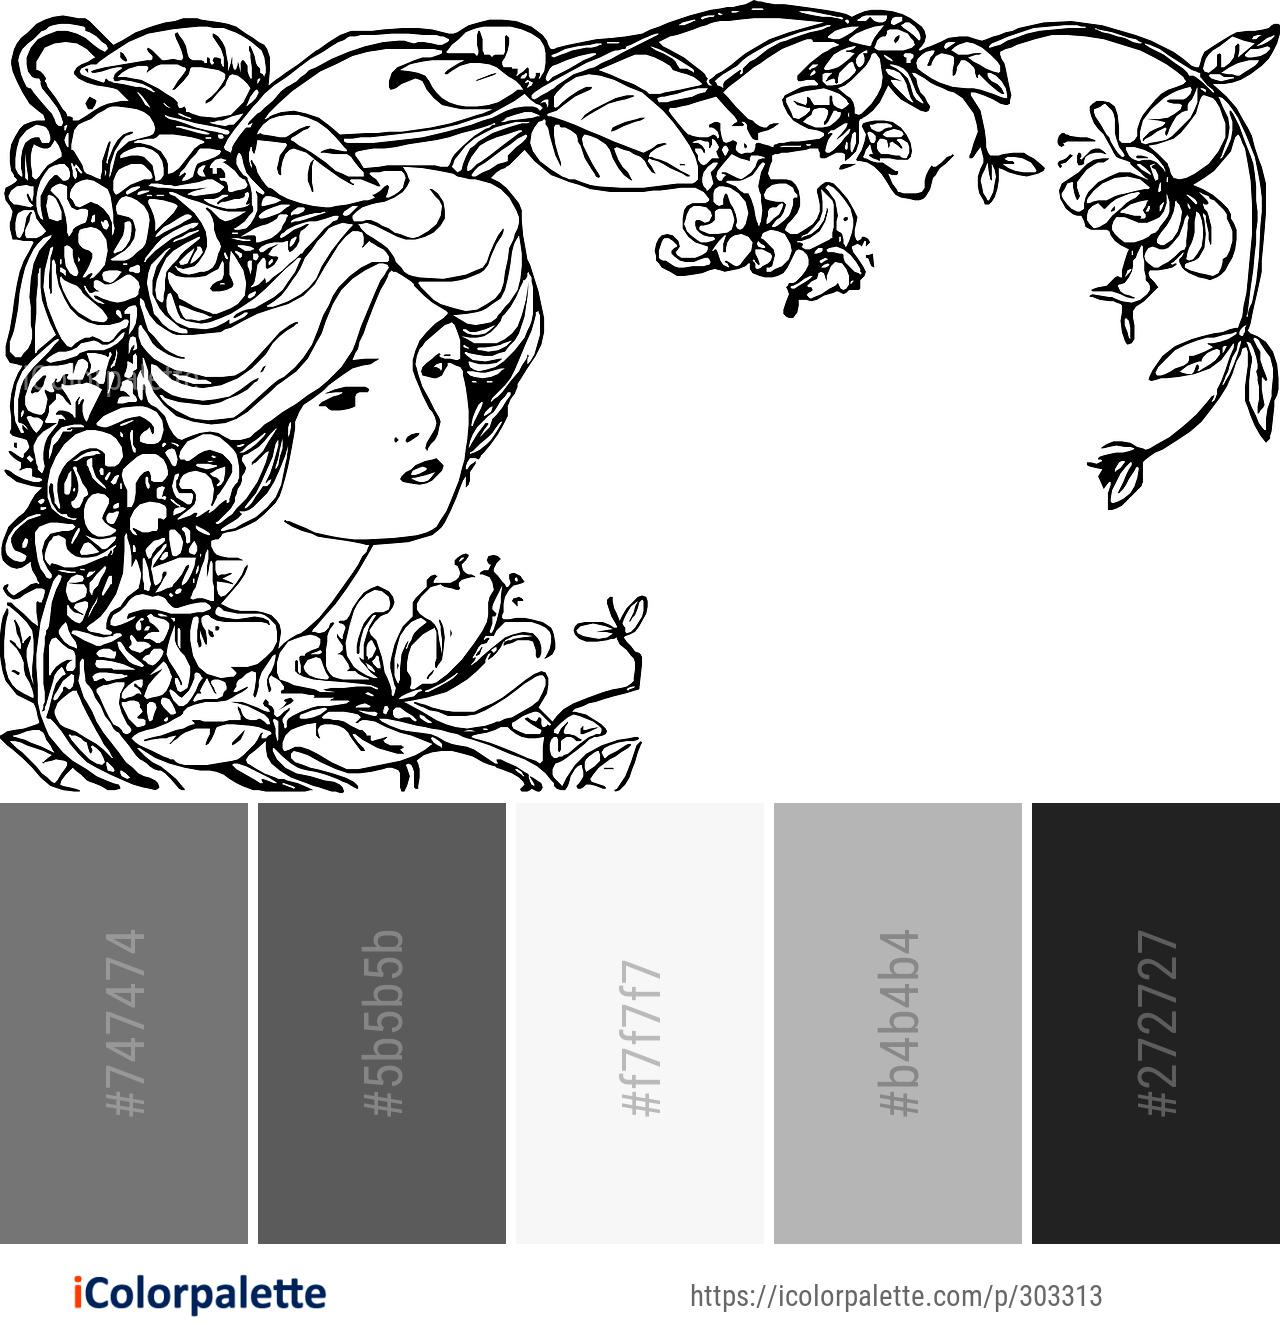 Color Palette ideas icolorpalette colors inspiration